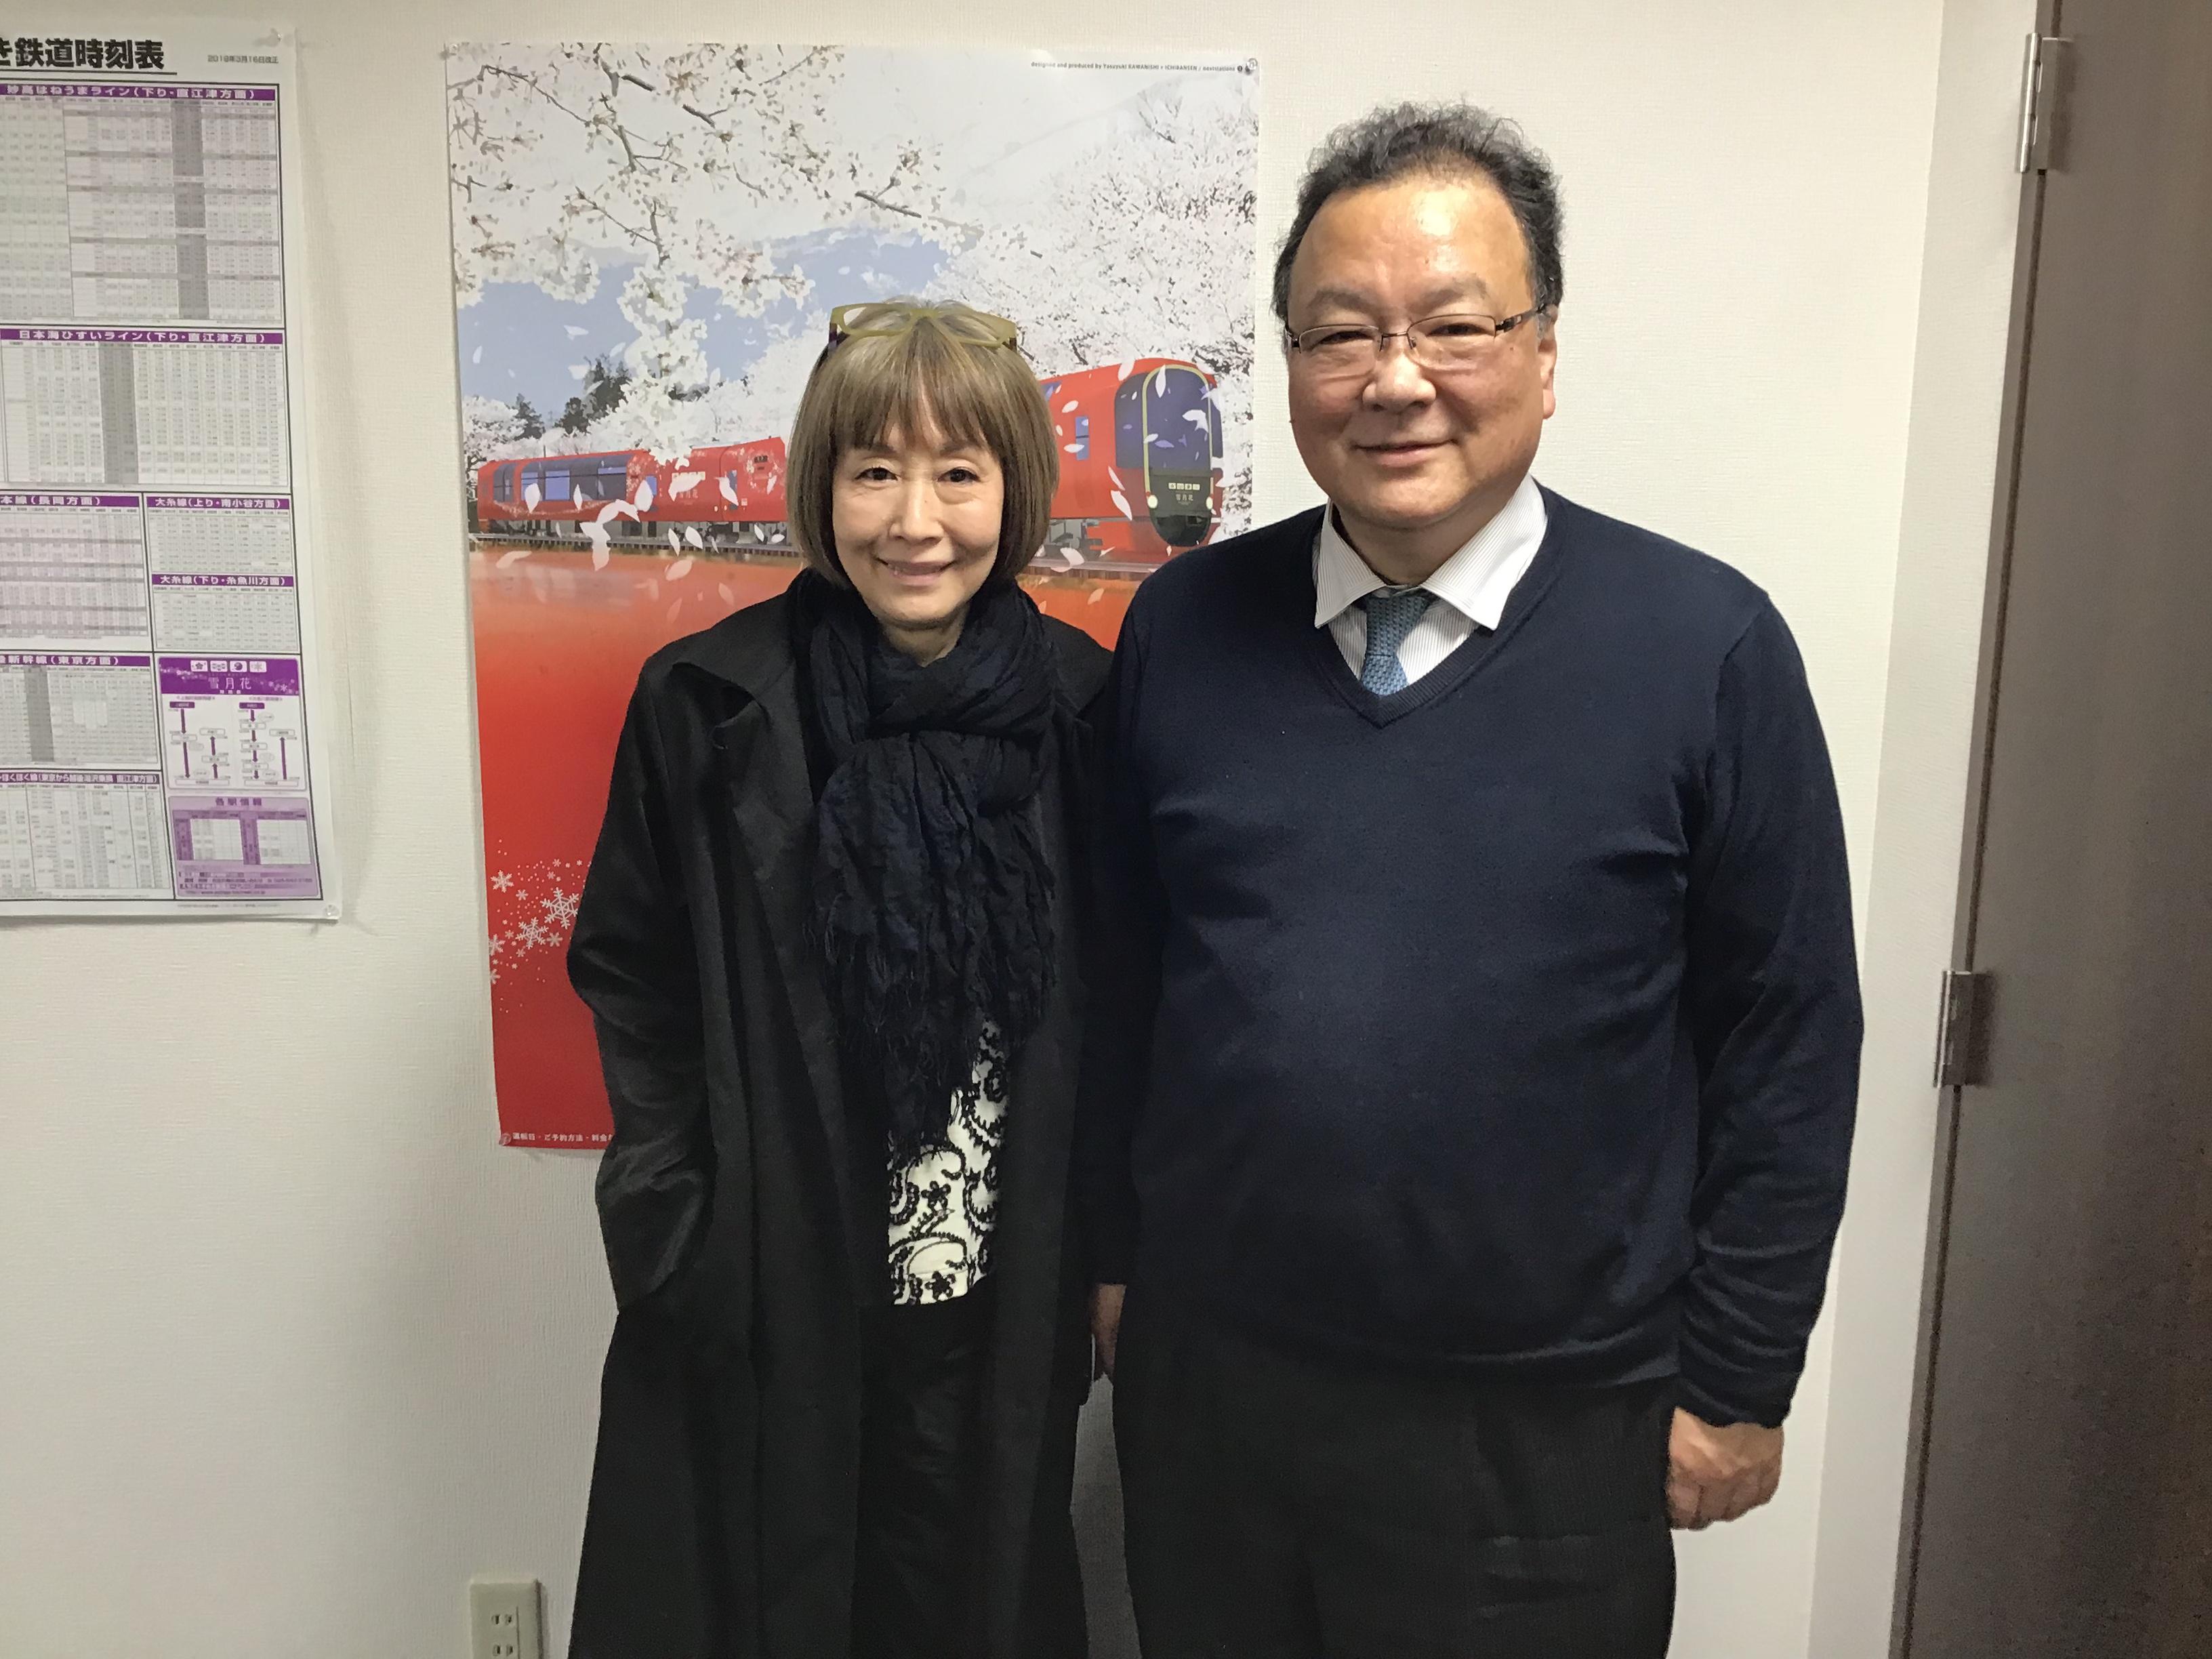 今日は歌手の小林啓子さんが遊びにいらっしゃいました。